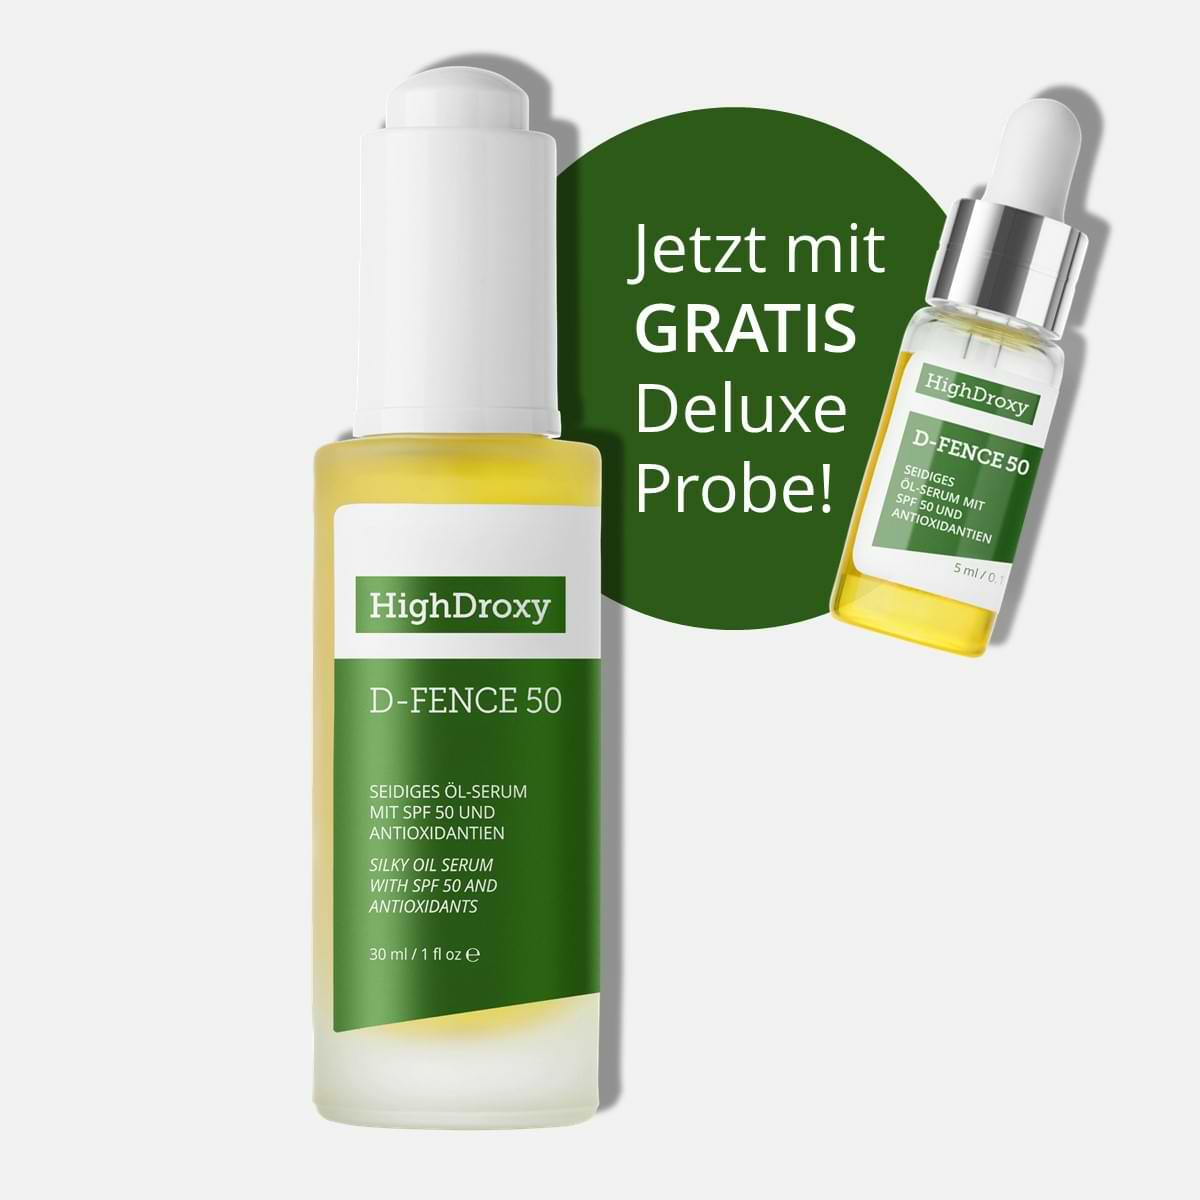 Highdroxy Rabattaktion Sonnenschutzöl Vollgröße mit gratis Deluxeprobe